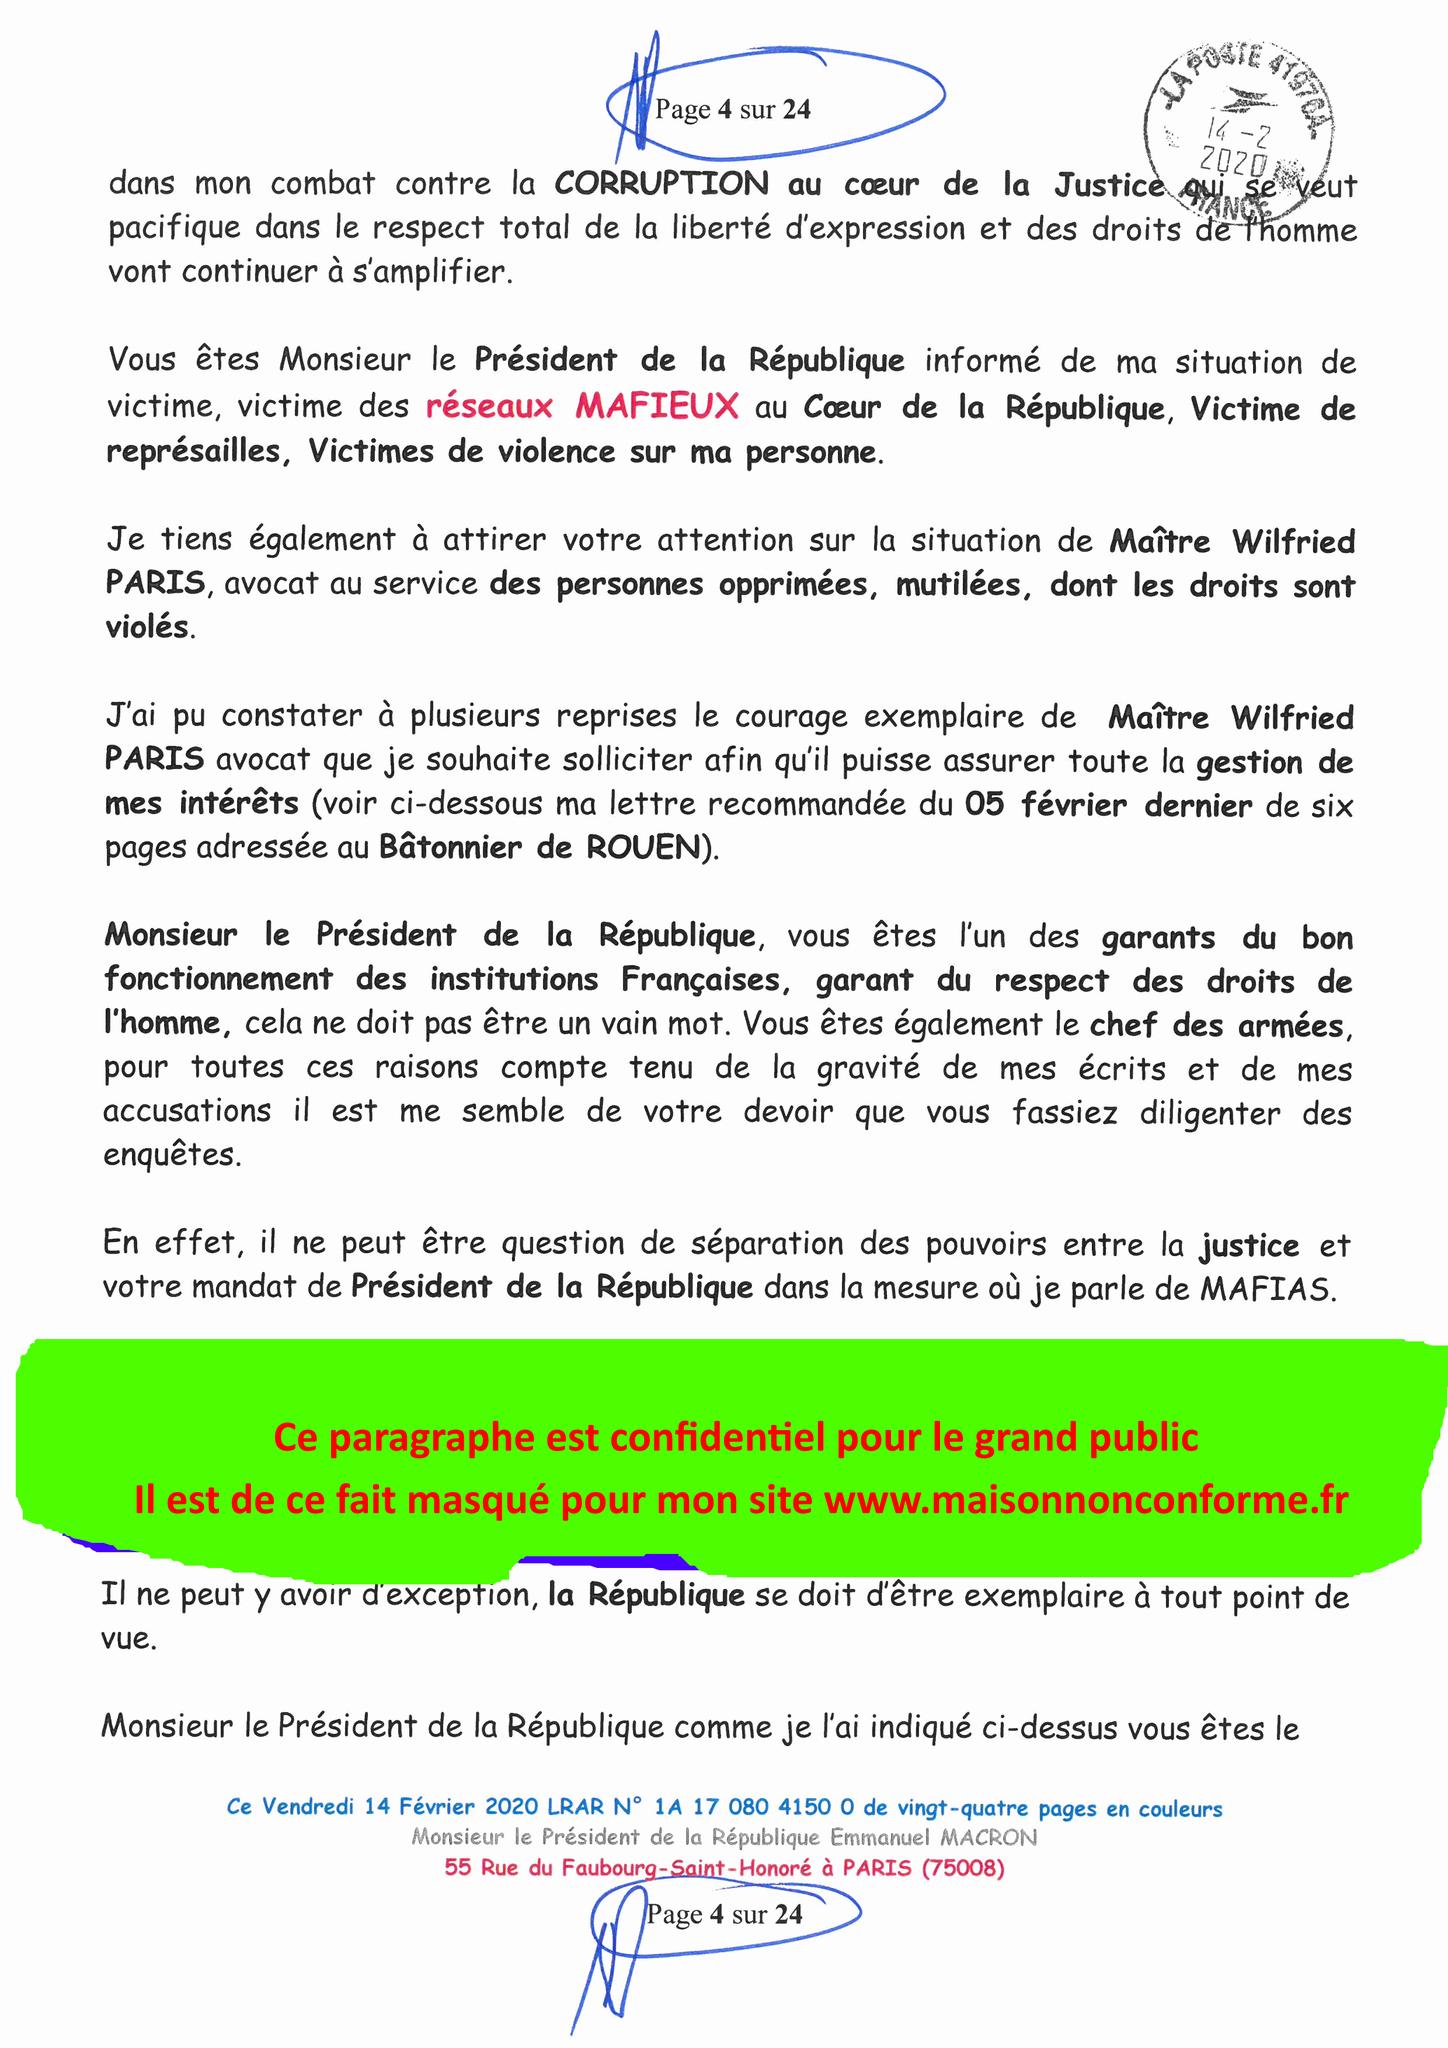 Ma lettre recommandée du 14 Février 2020 N° 1A 178 082 4150 0  page 4 sur 24 en couleur que j'ai adressé à Monsieur Emmanuel MACRON le Président de la République www.jesuispatrick.fr www.jesuisvictime.fr www.alerte-rouge-france.fr